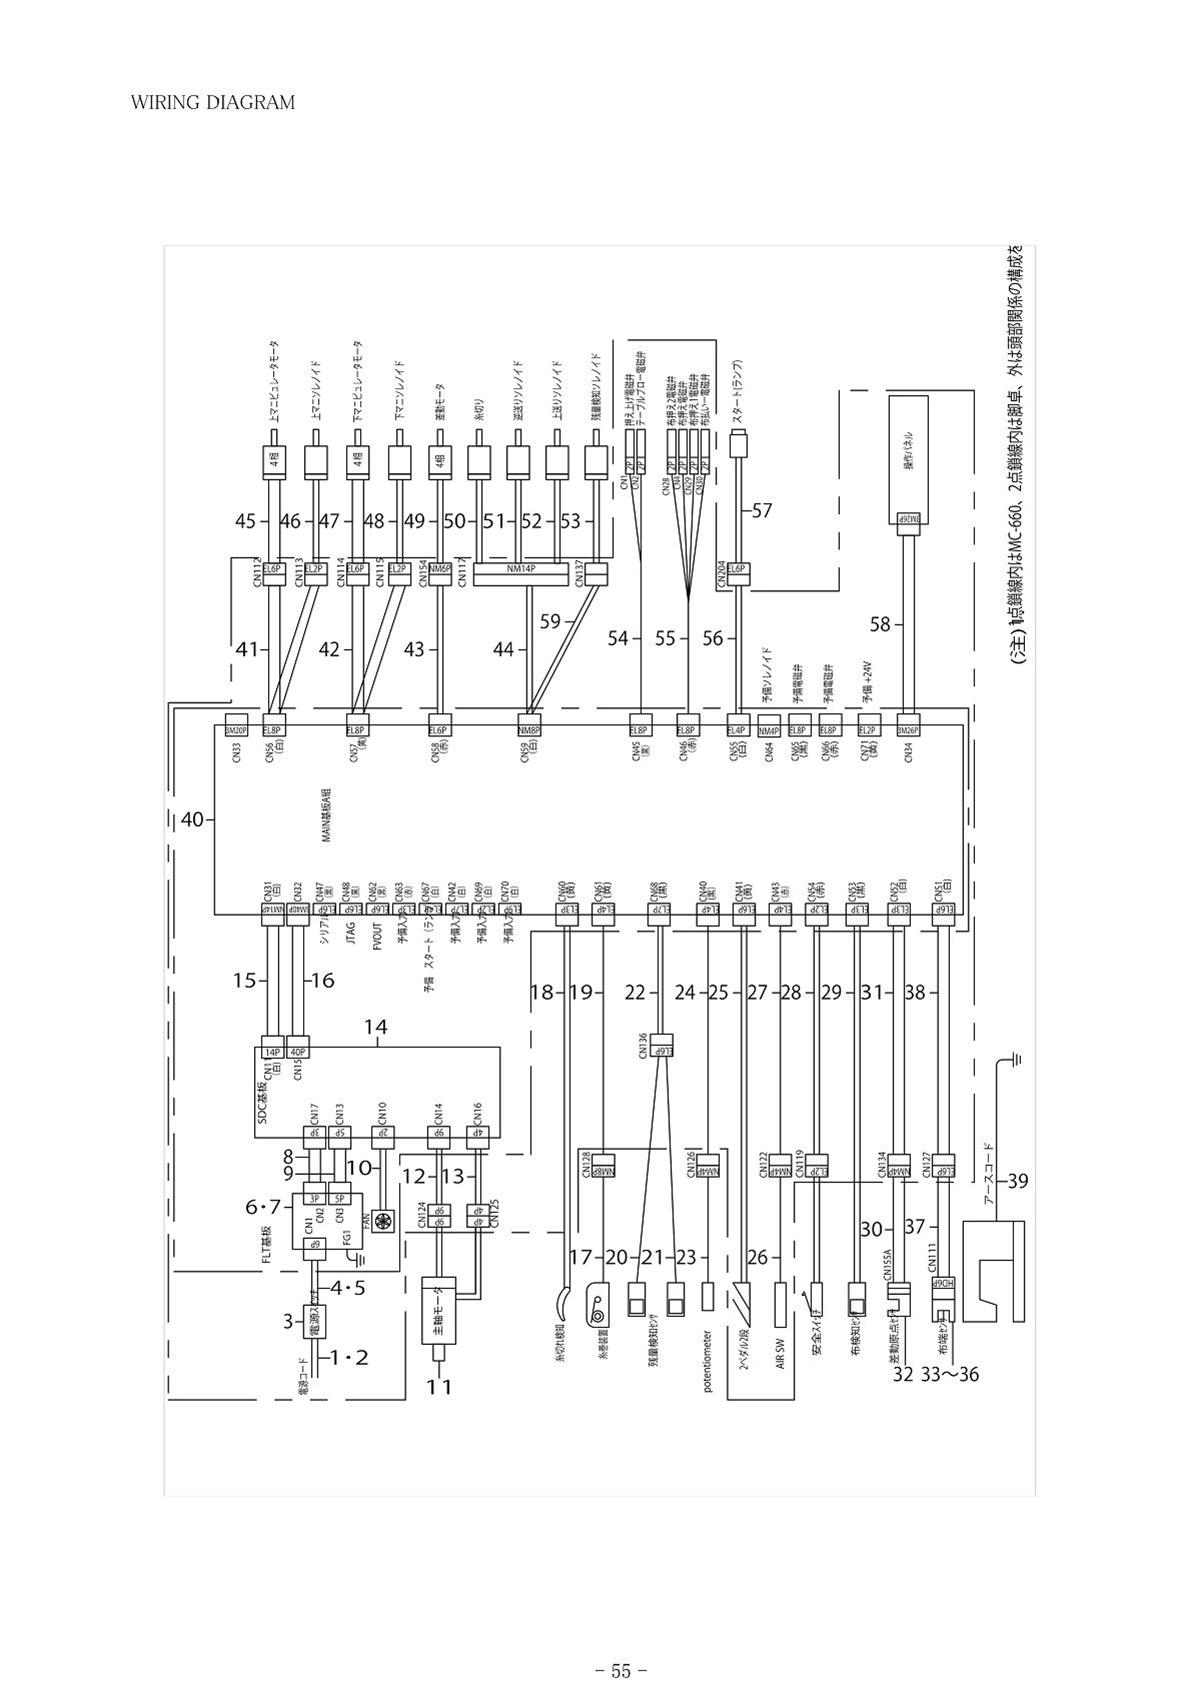 mc 25 wiring diagram wiring diagram schematics  mc wiring symbols wiring diagram